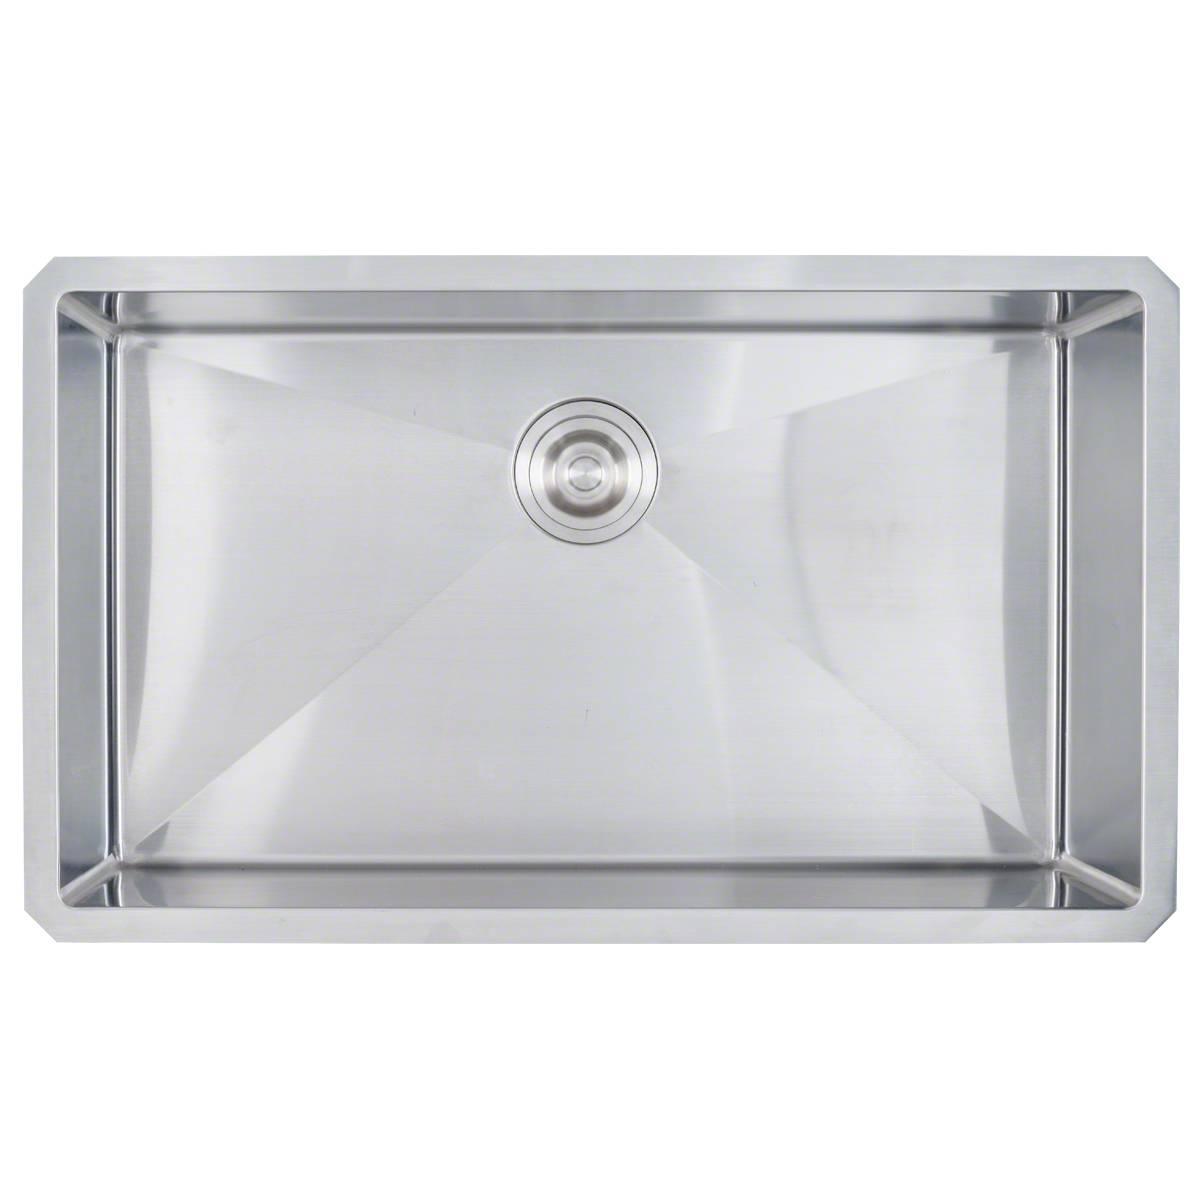 Sinks -ss-16-gau-handcrafted-single-bowl-3219-SIN-16-SINBWL-WEL-3219